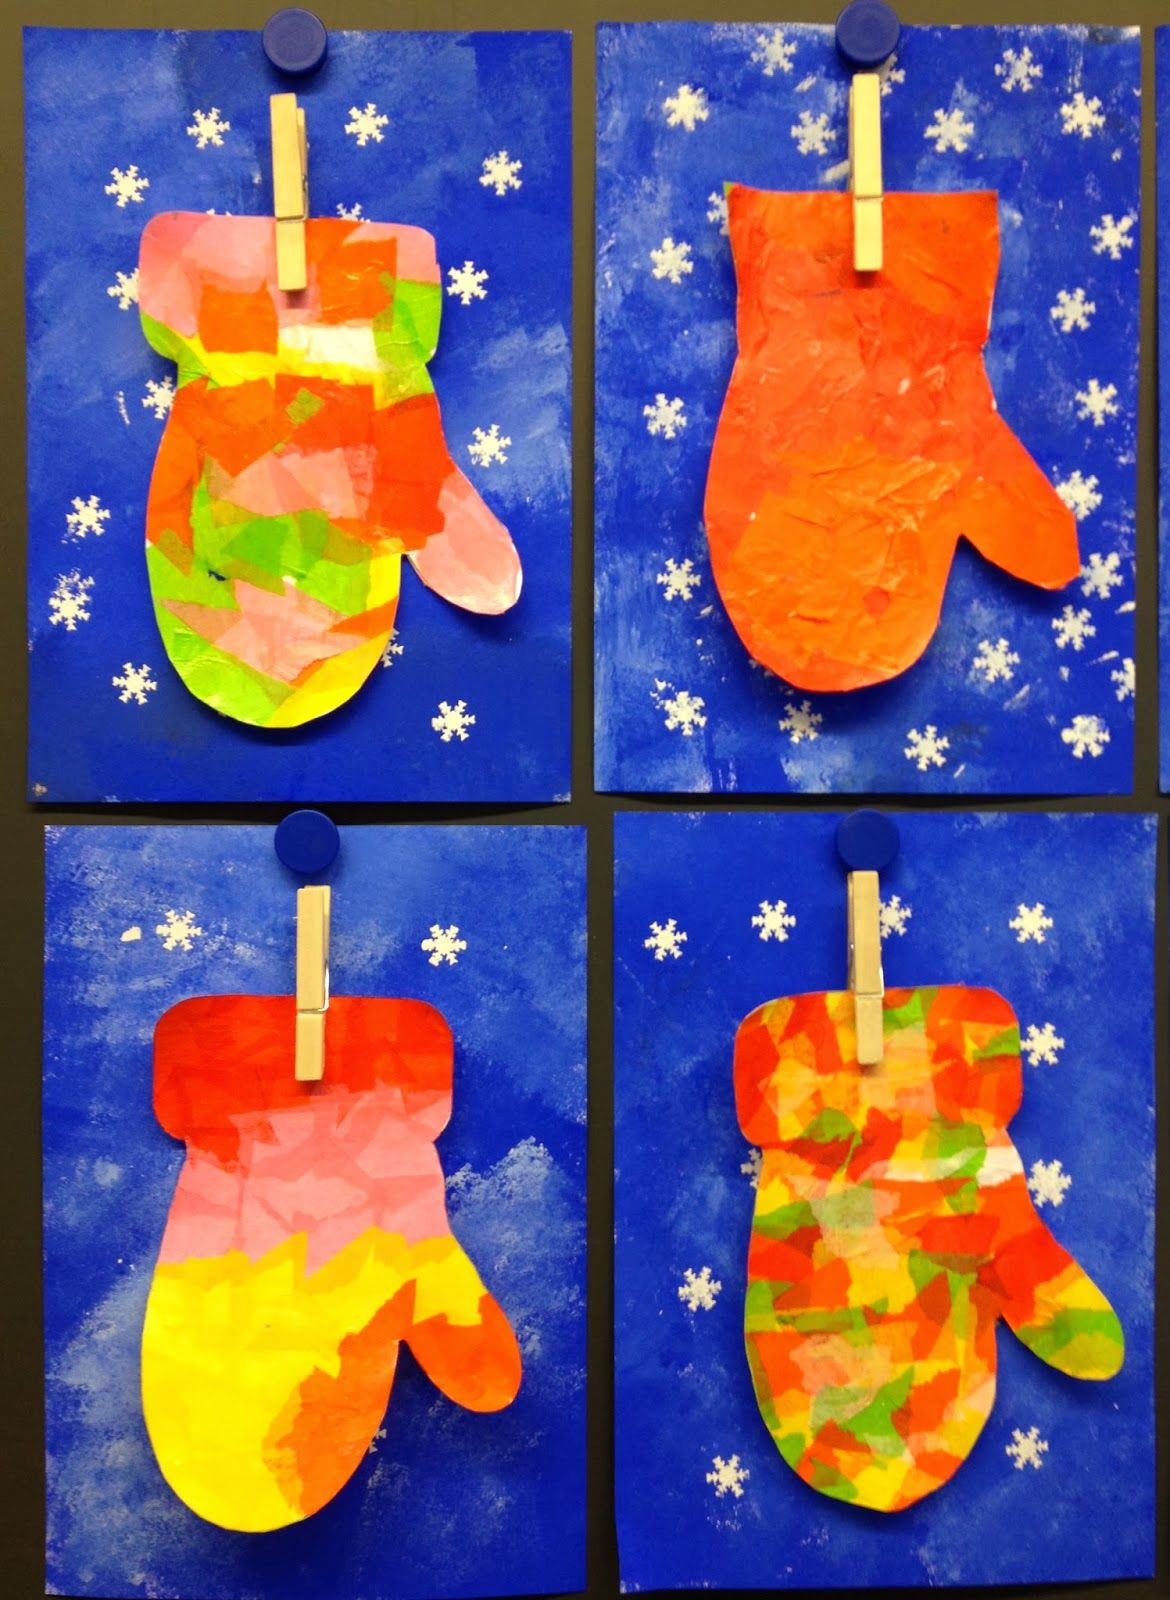 Warme Handschuhe Im Winter In Den Letzten Tagen War Es So Richtig